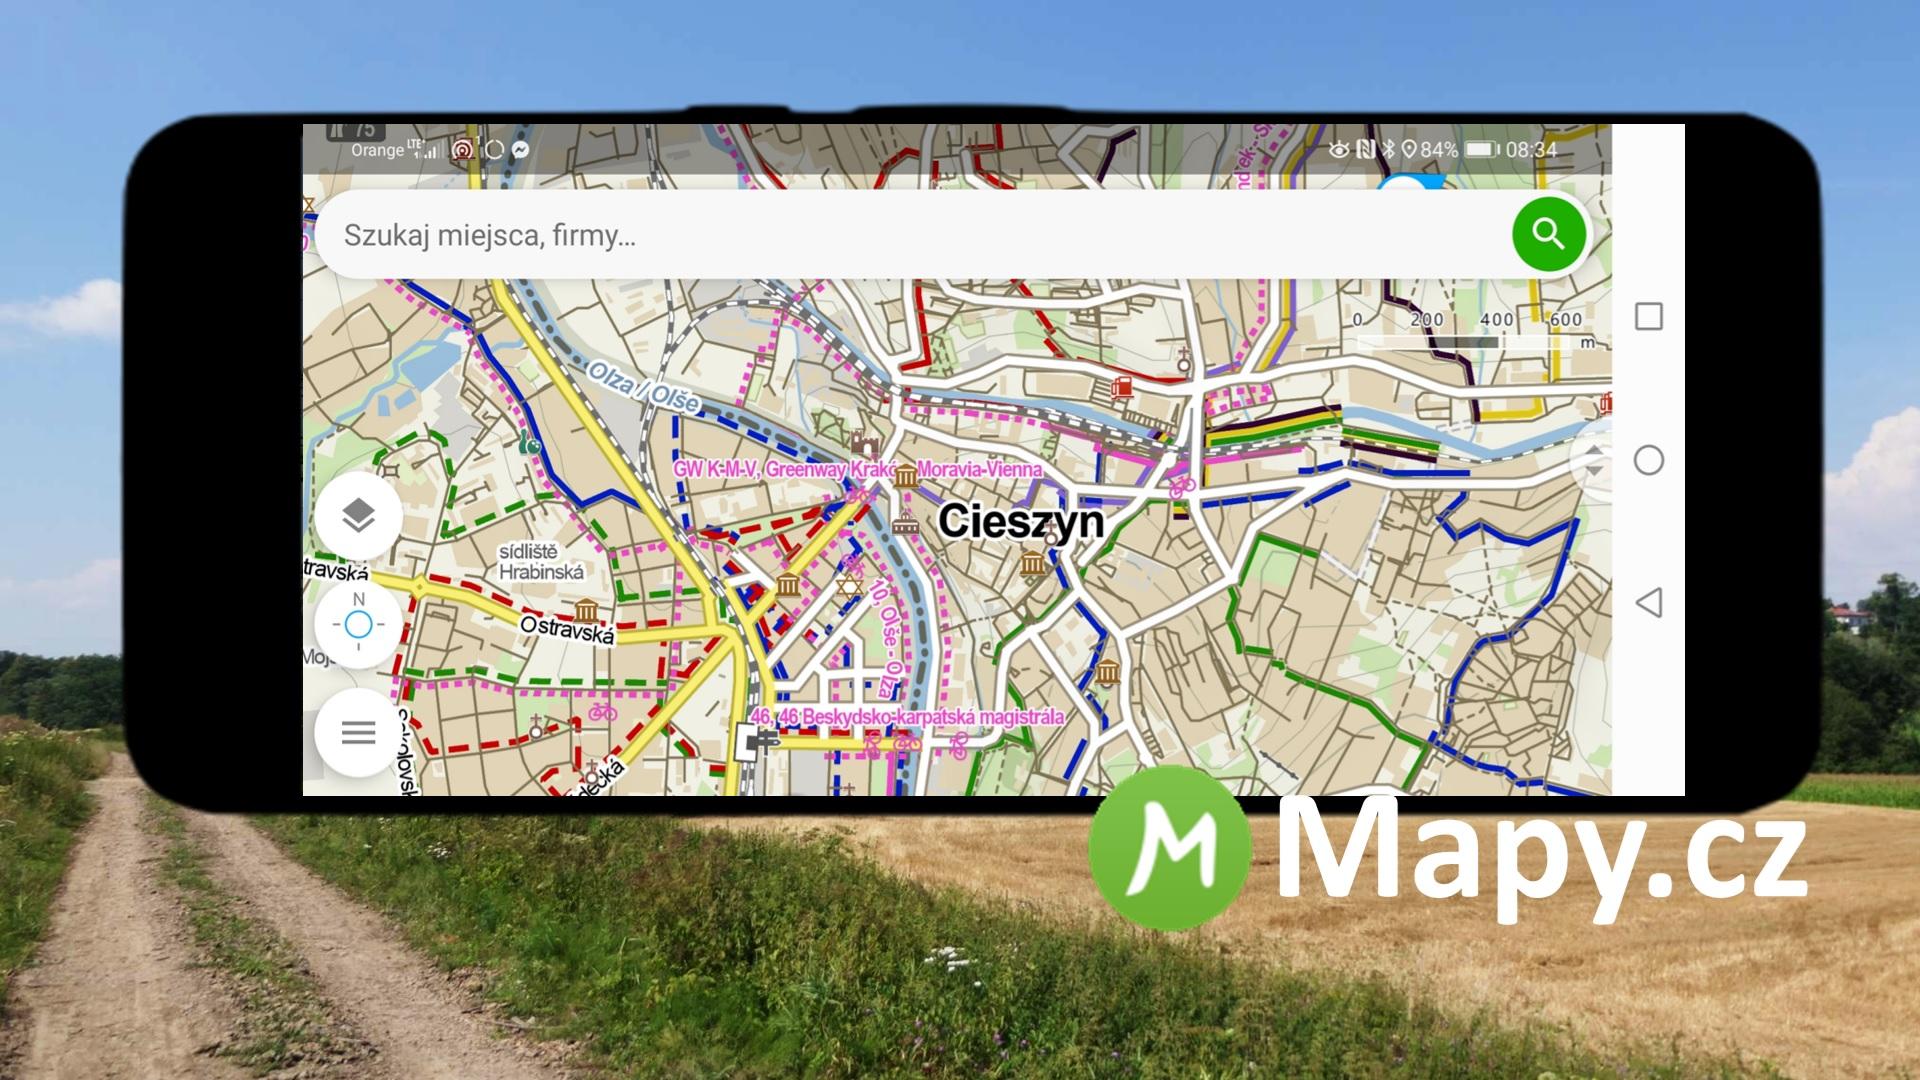 Mapy.cz - nawigacja dla rowerzystów nie tylko w Czechach